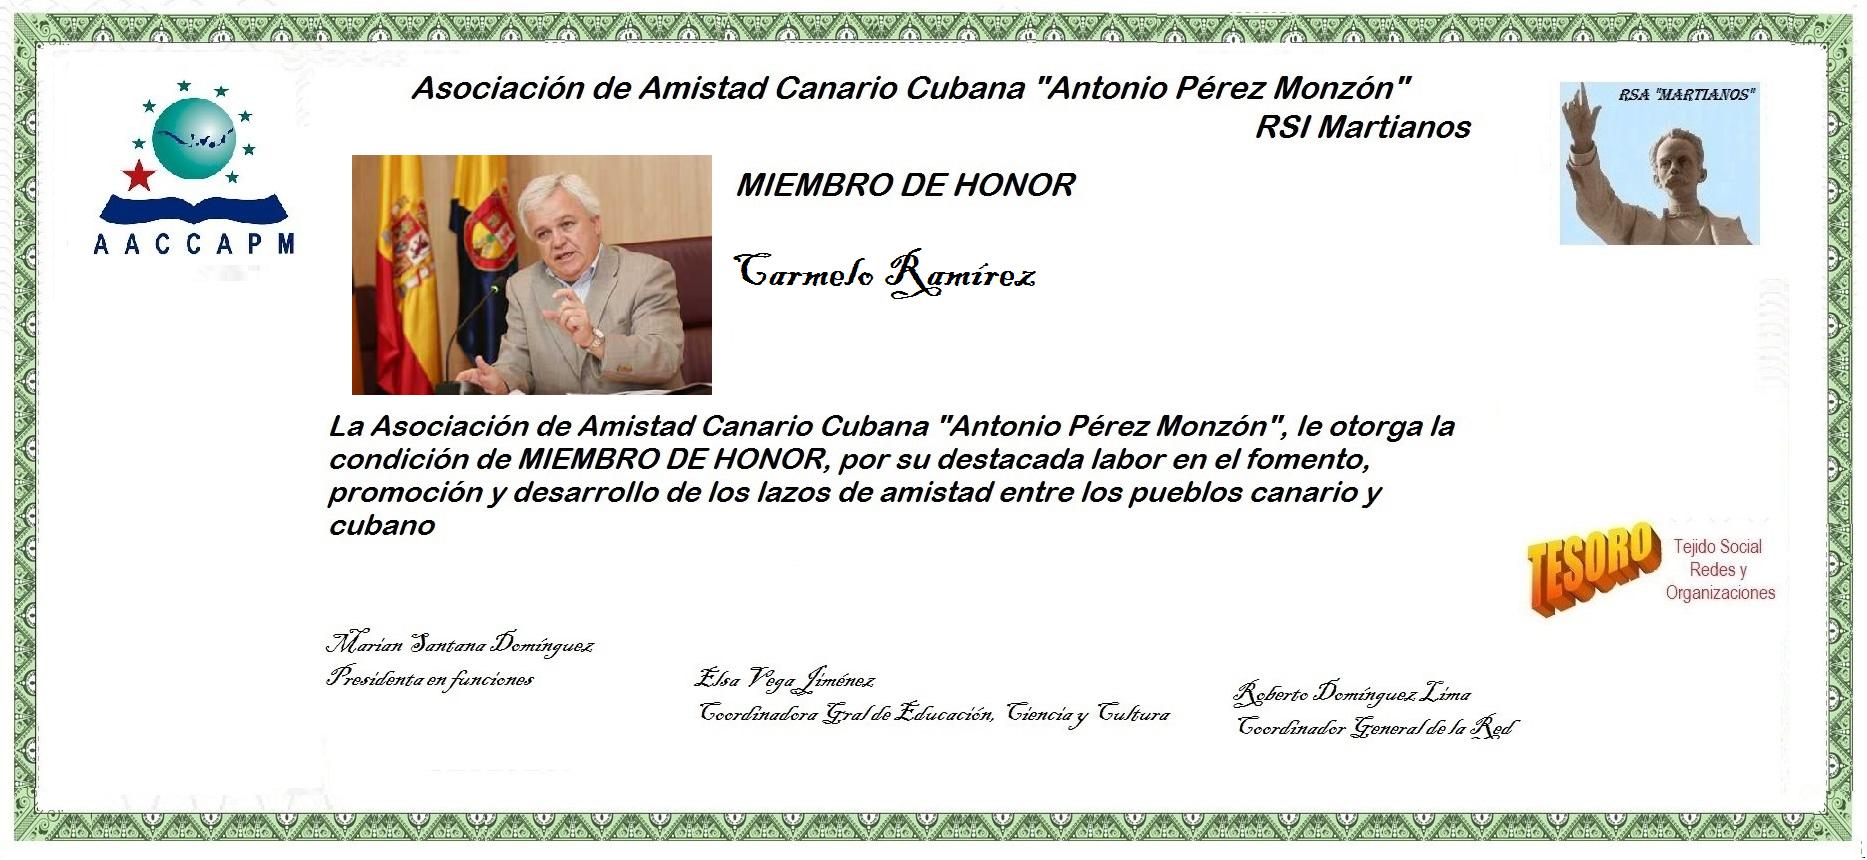 Martianos Carmelo Ramírez Miembro de Honor de la AACC-APM